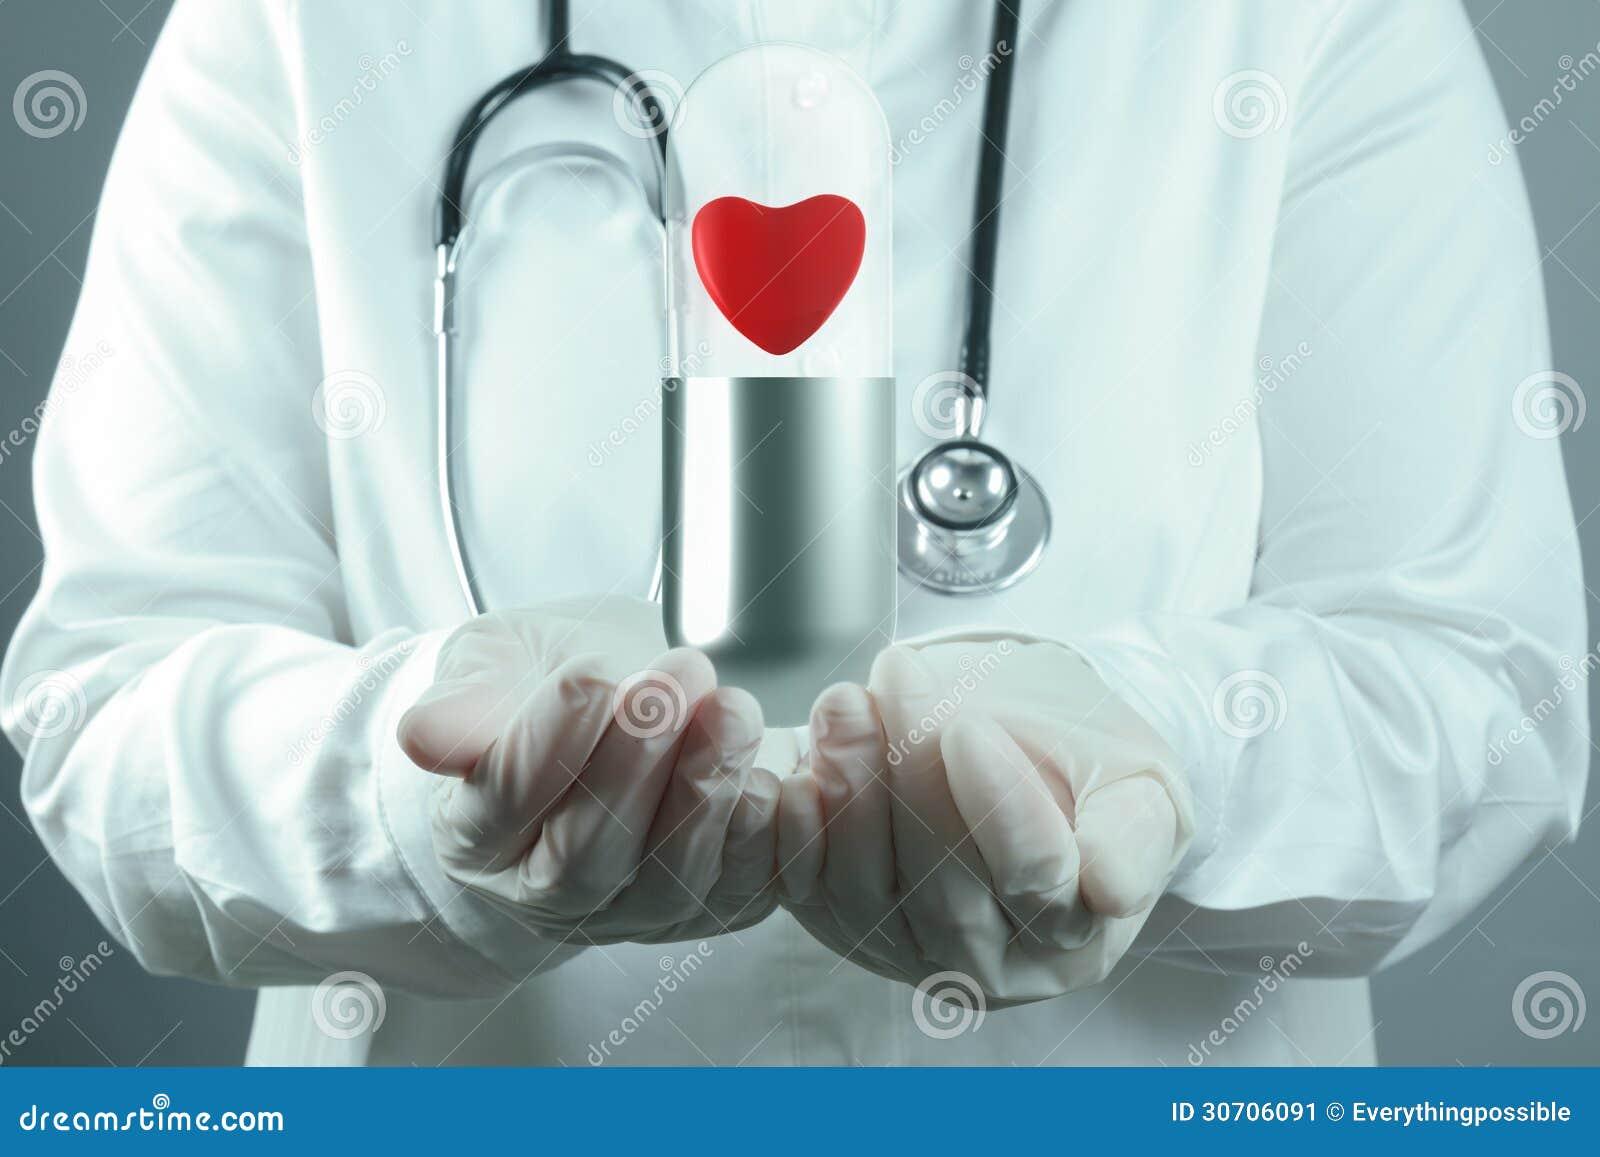 Rode hartpil binnen capsule als medisch concept